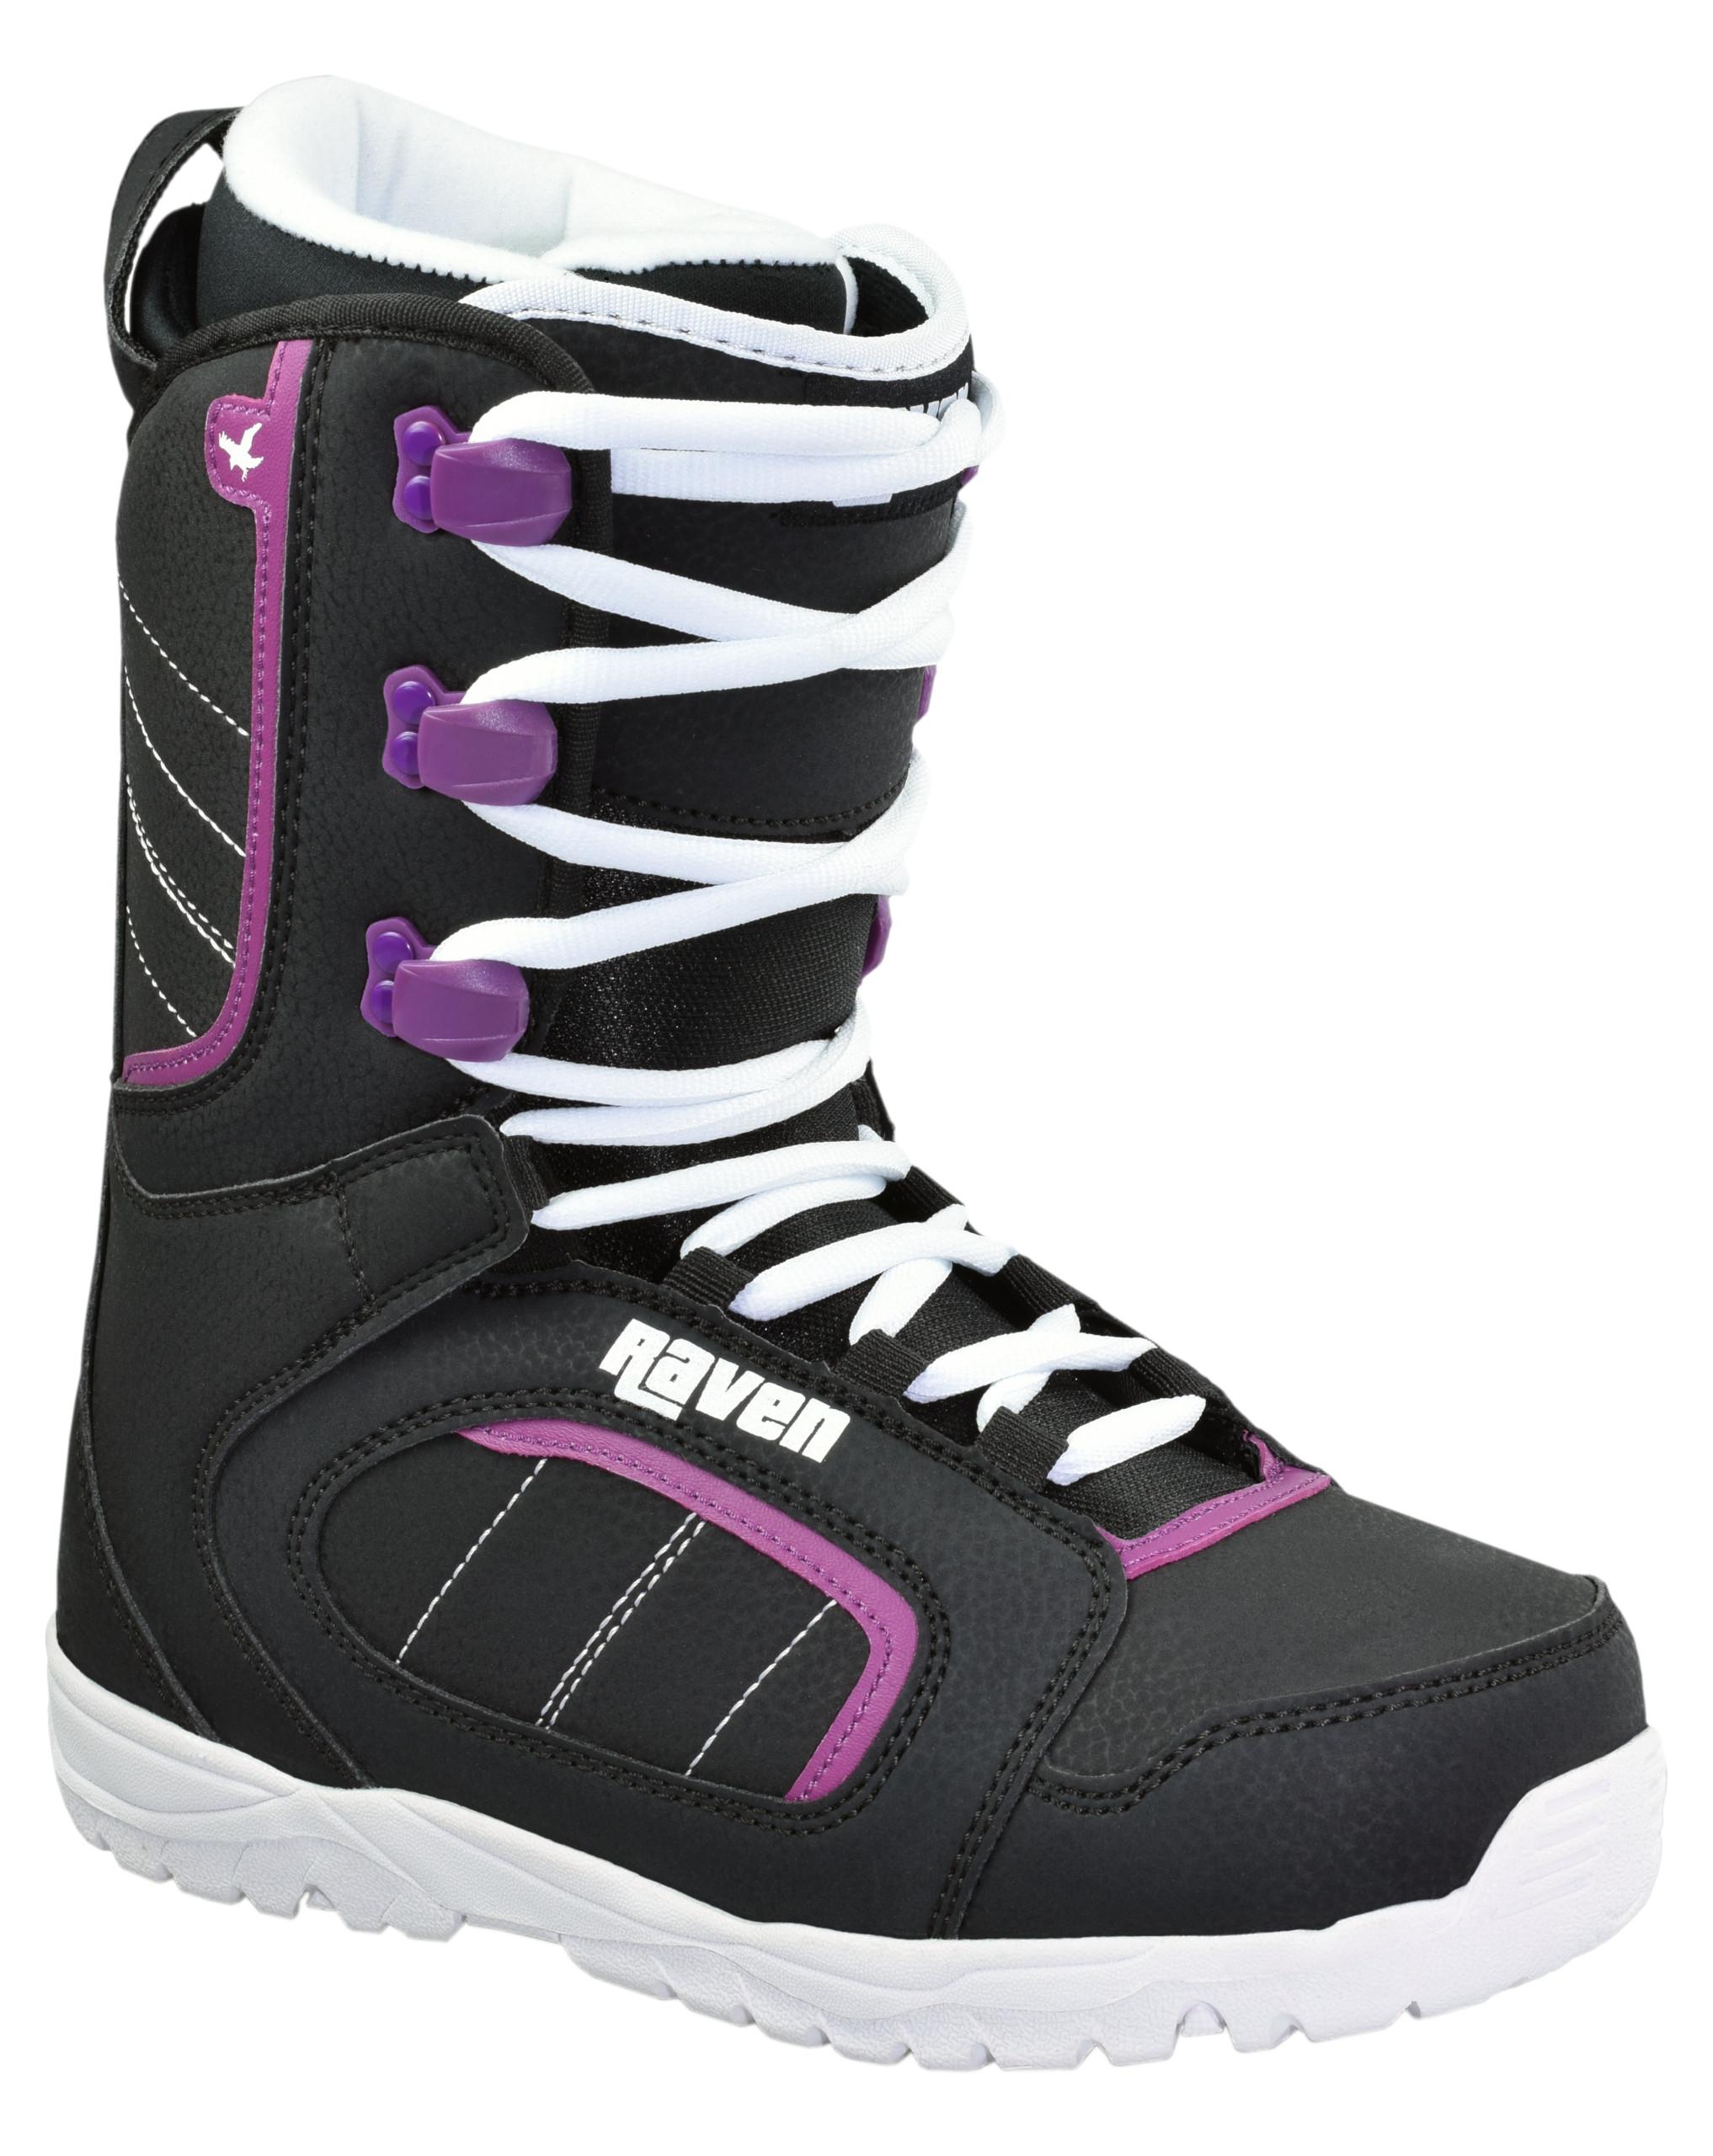 Topánky na Snowboard Raven Diva 2020 - 42 (27 cm)